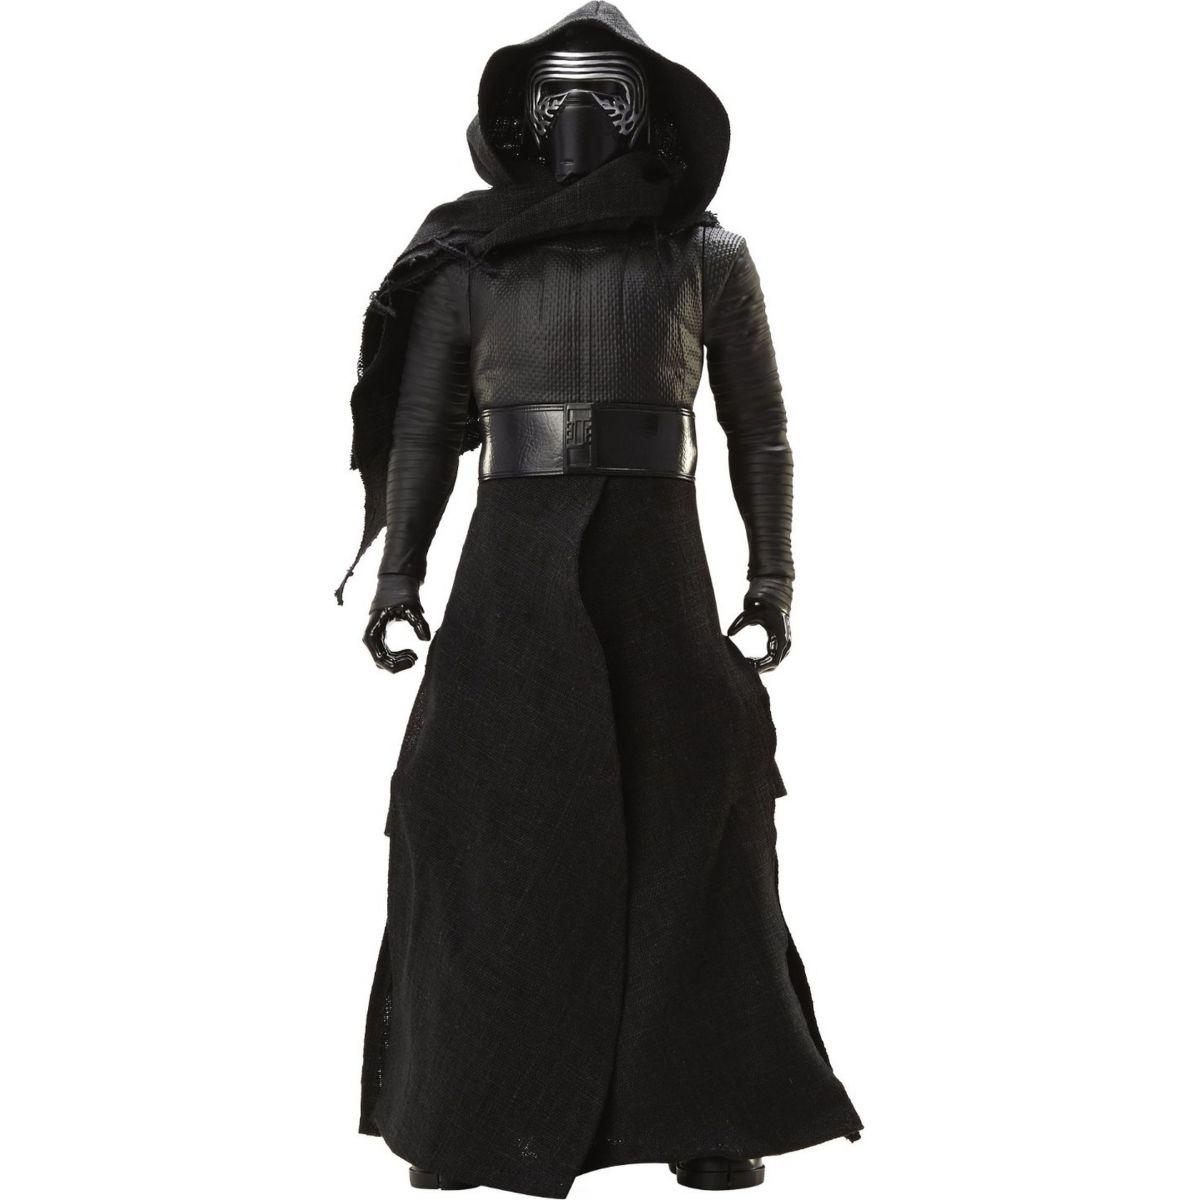 Star Wars Figurka Kylo Ren 79 cm